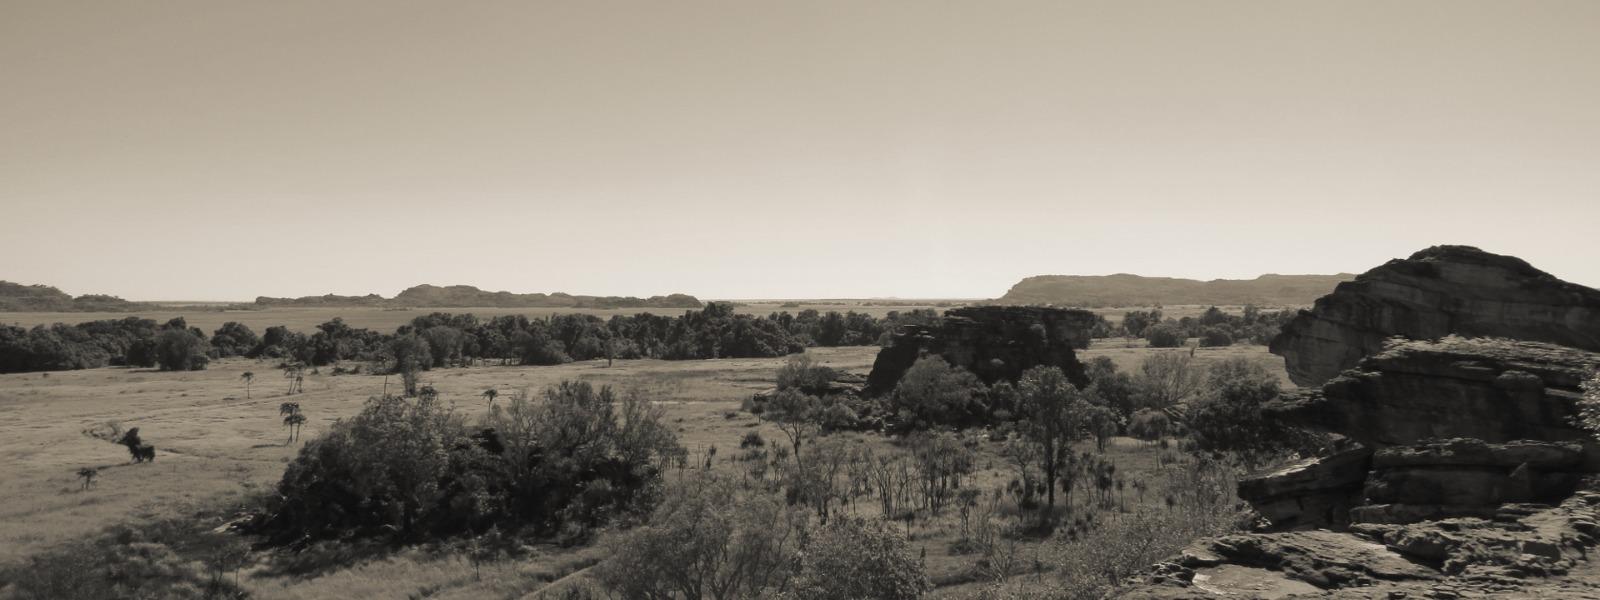 NT scenery